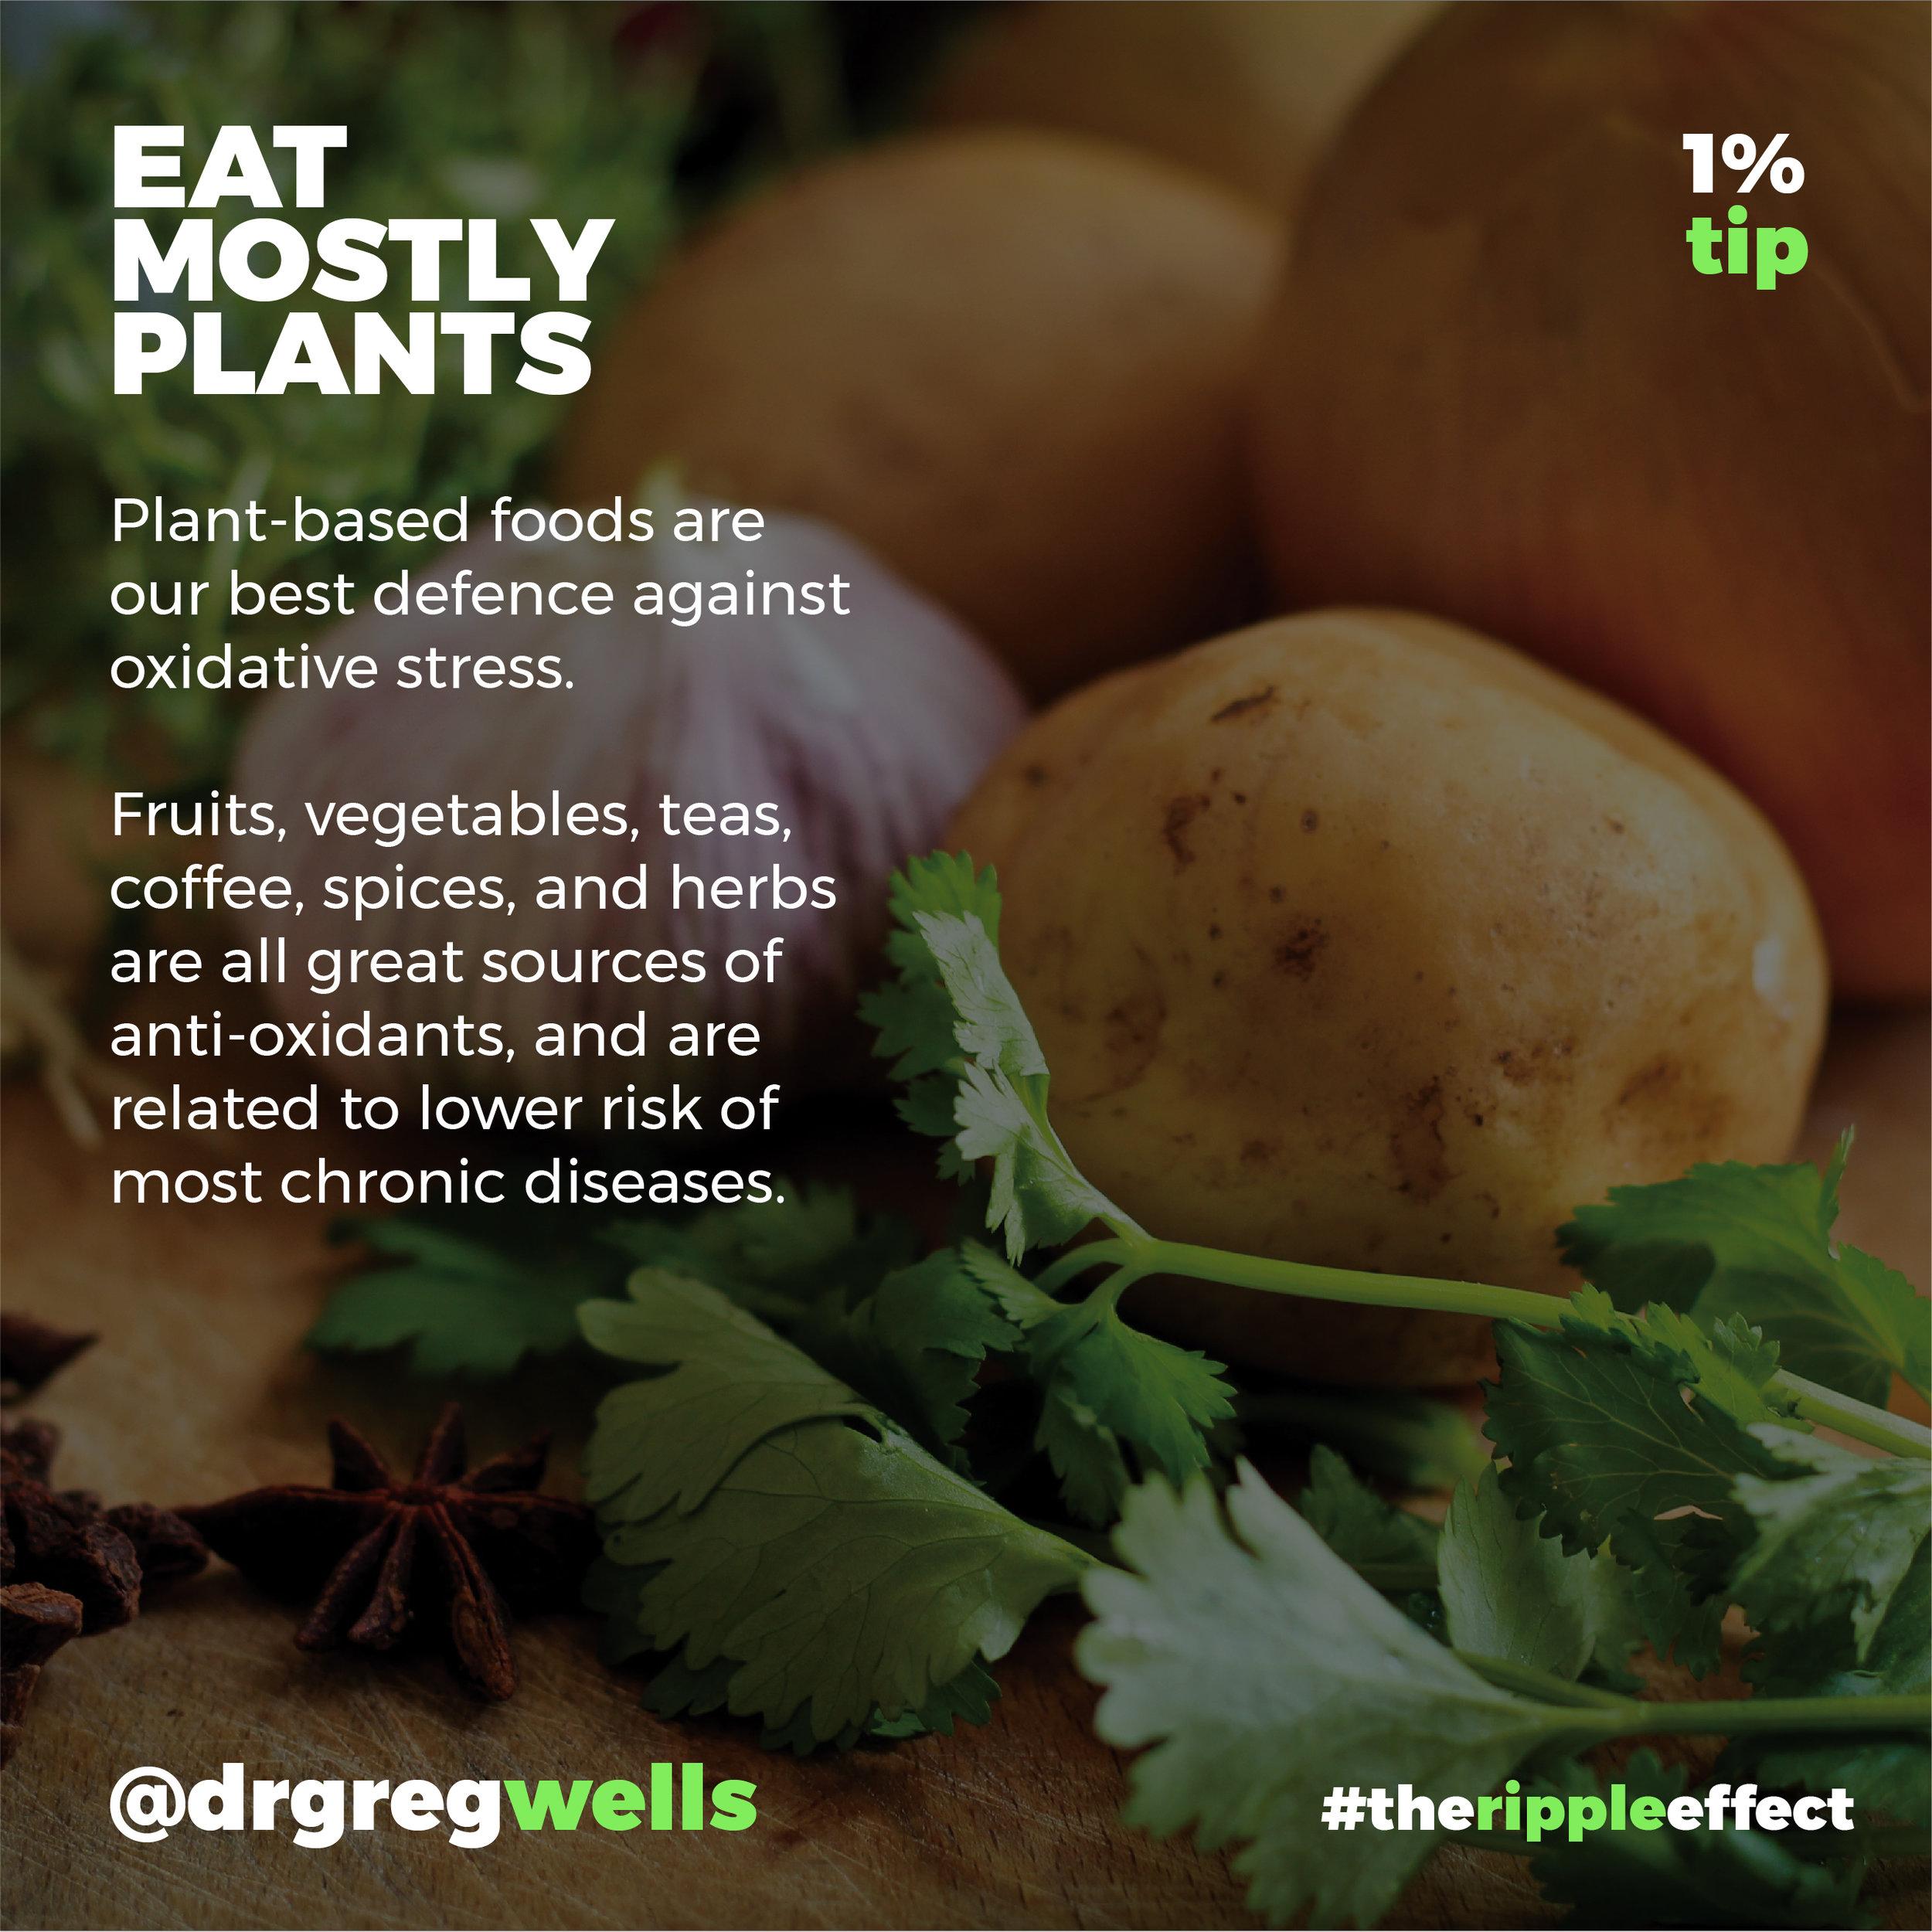 1% Tips Website eat tips 2019-05.jpg